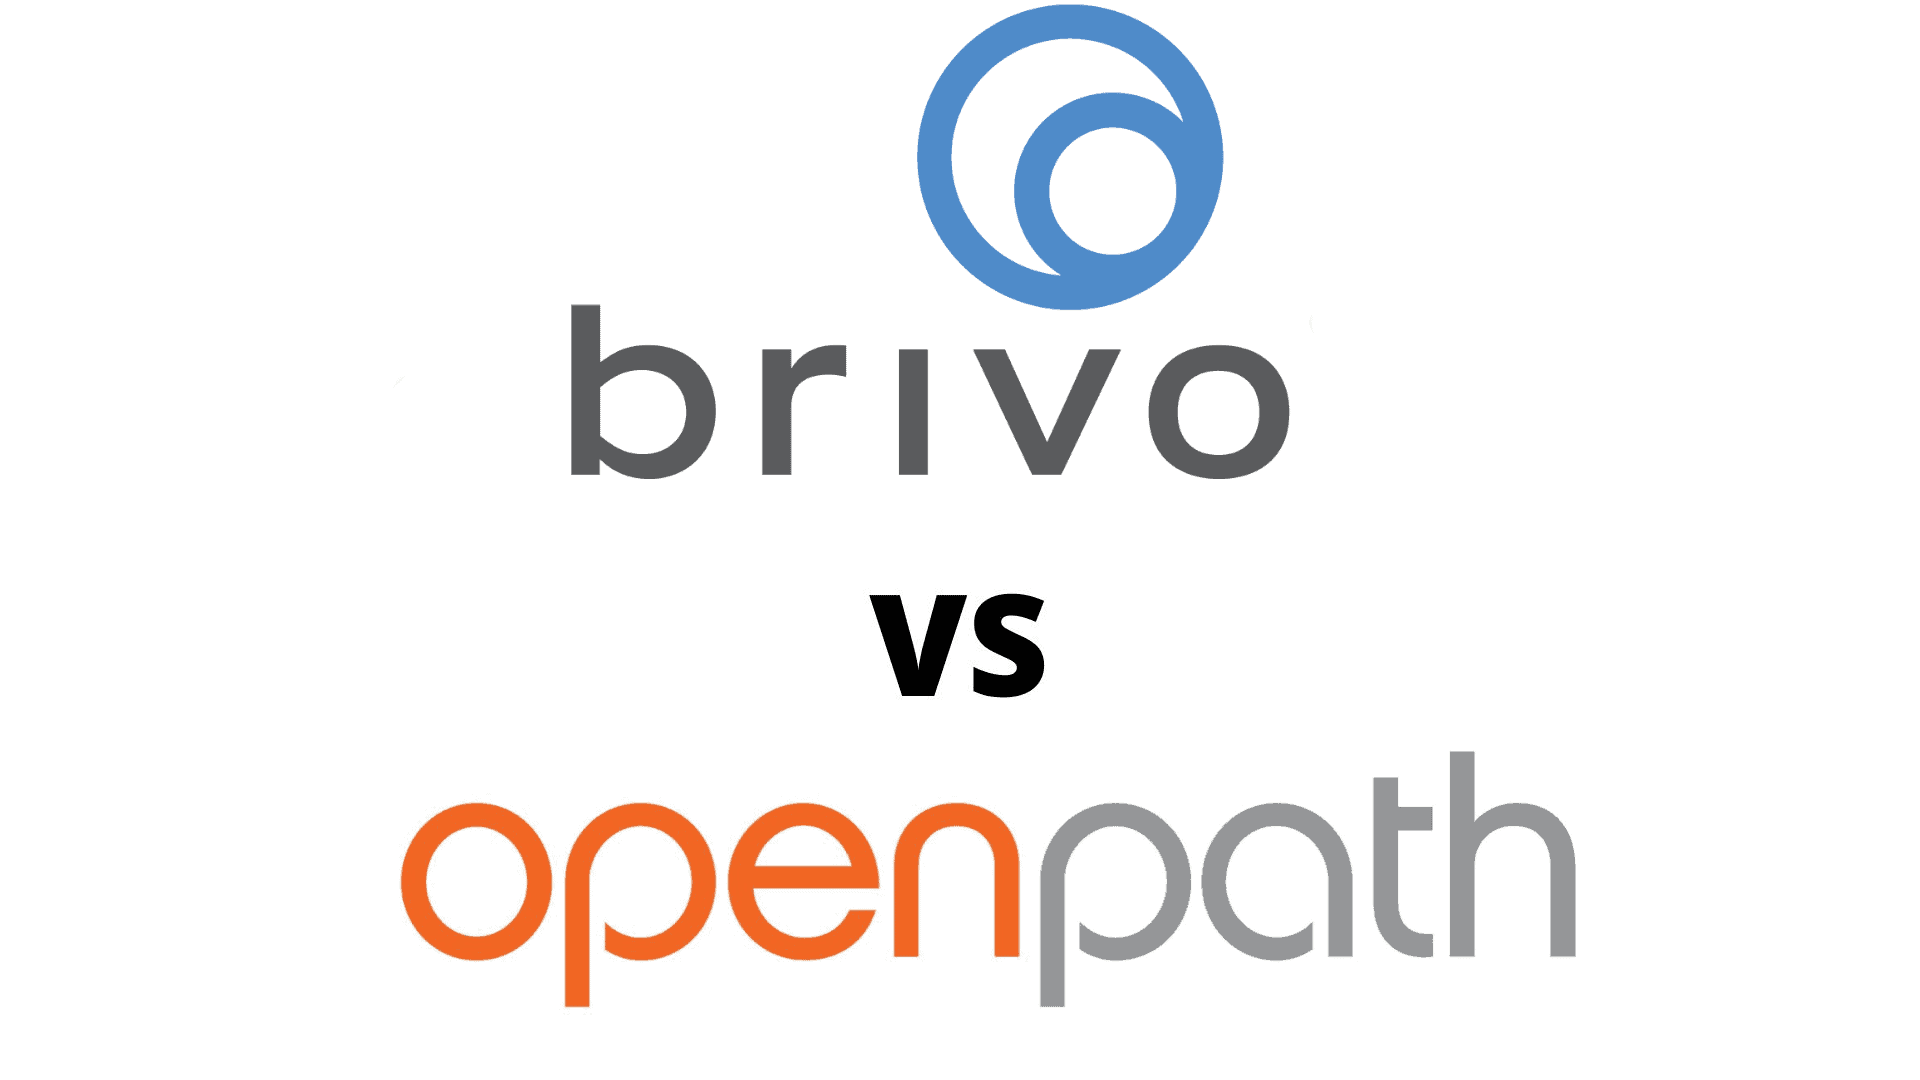 brivo vs openpath